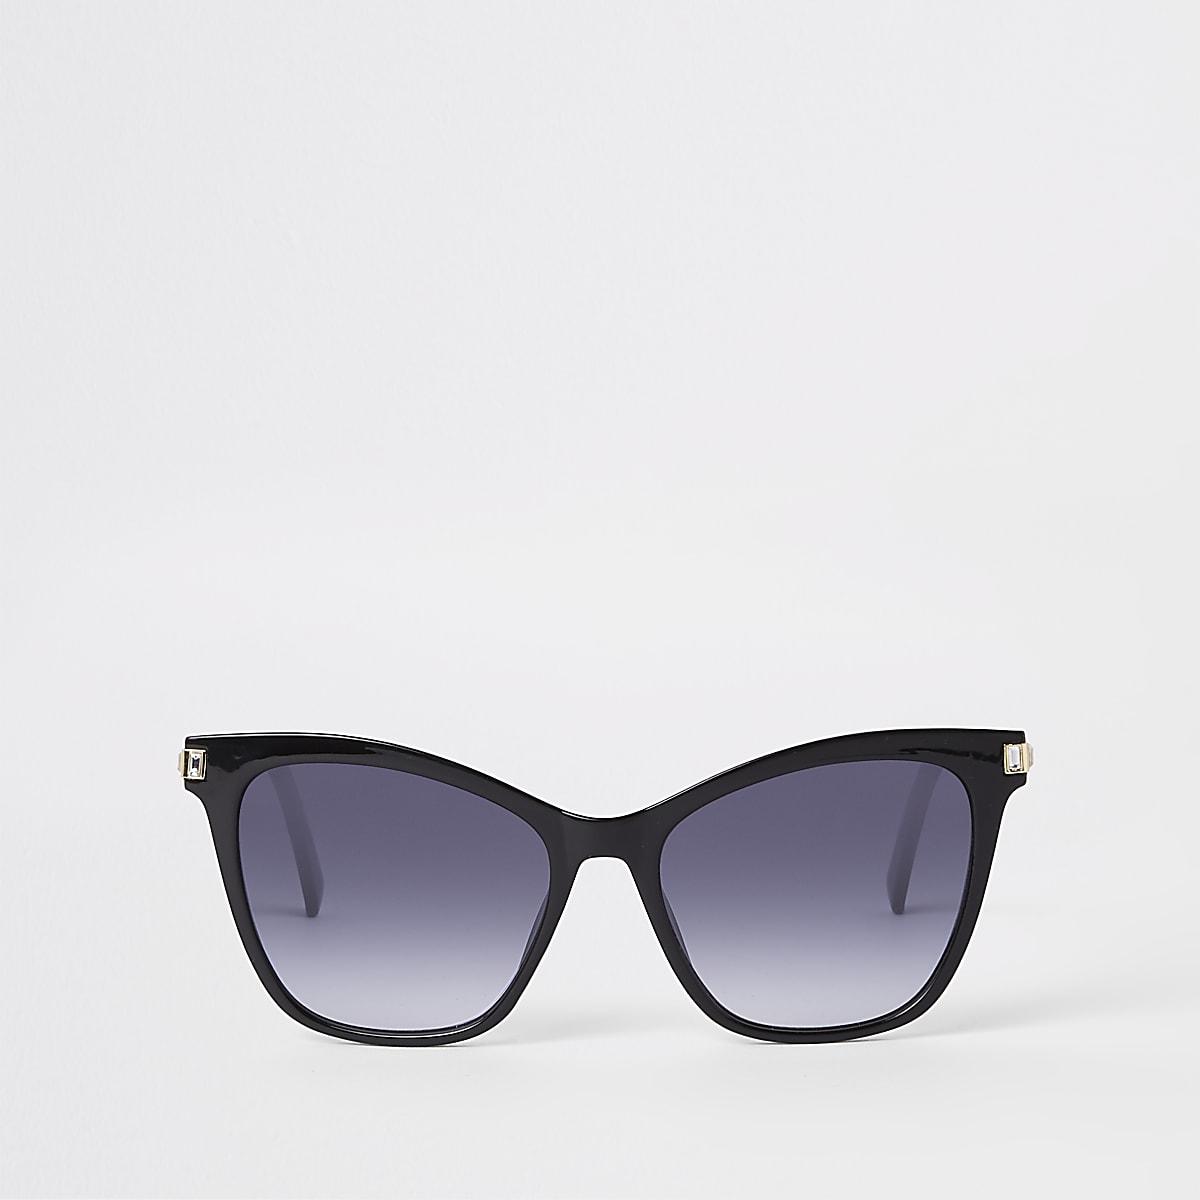 Zwarte zonnebril met siersteentjes op de rand